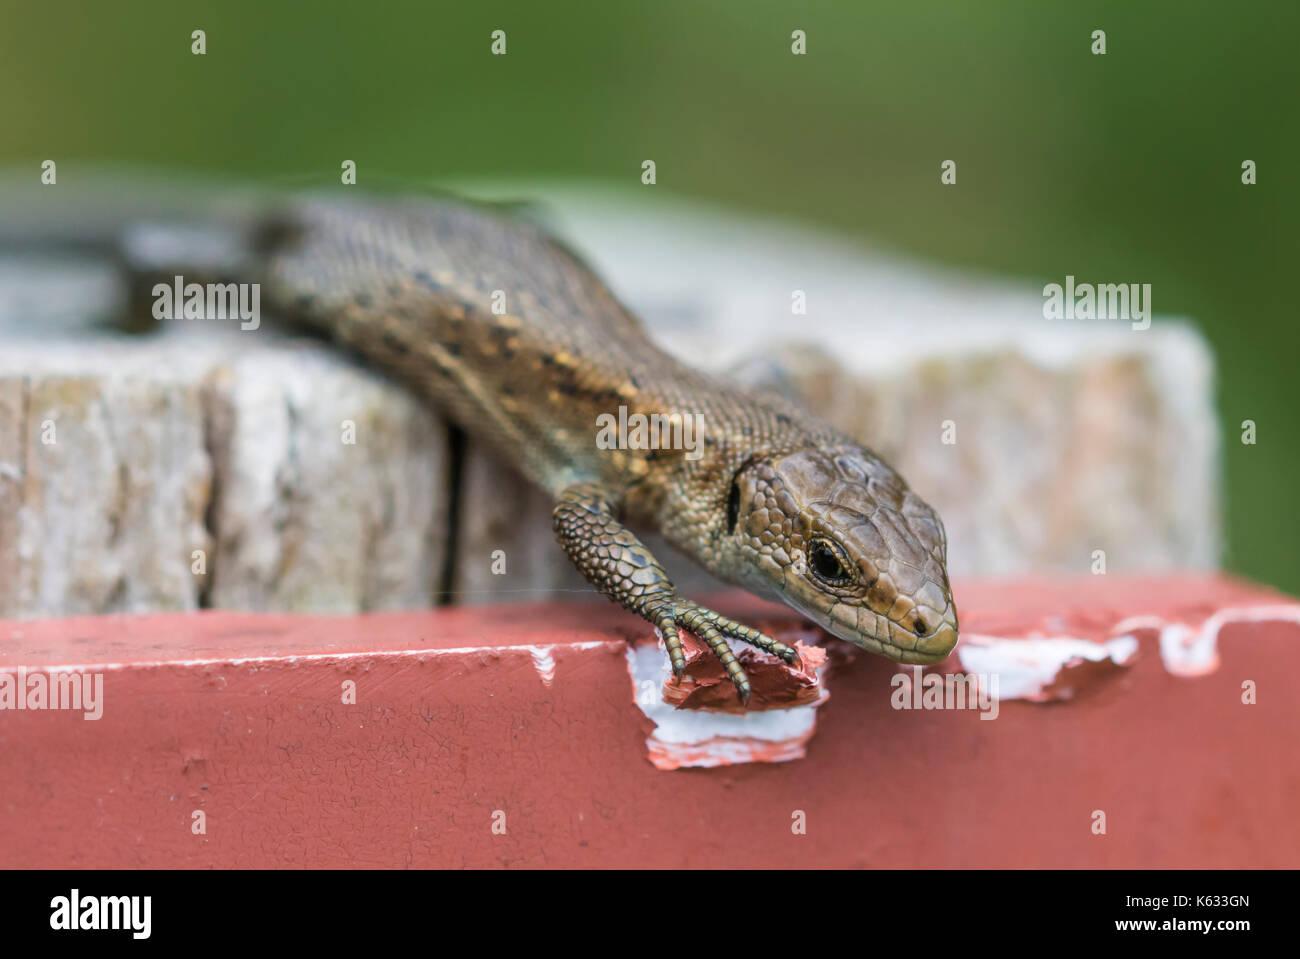 Gemeinsame Eidechse Erwachsener (Zootoca Vivipara), aka Lebendgebärenden Lizard oder Eurasische Eidechse in der Stockfoto